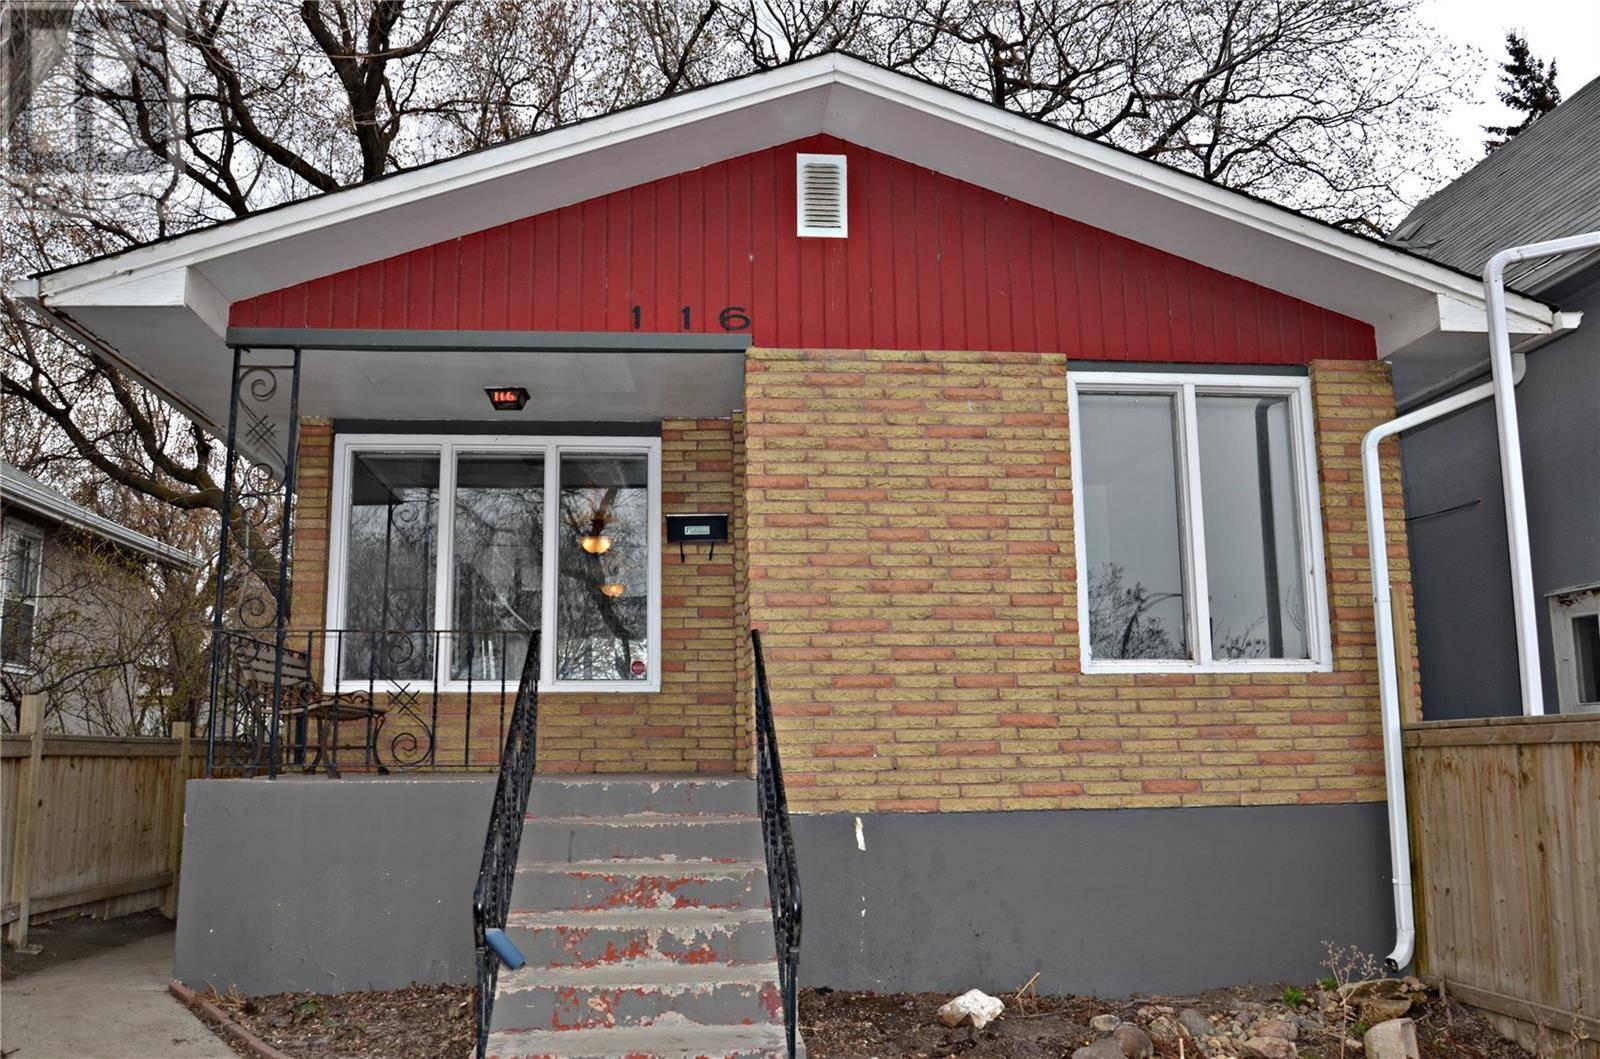 House for sale at 116 Main St Saskatoon Saskatchewan - MLS: SK783906